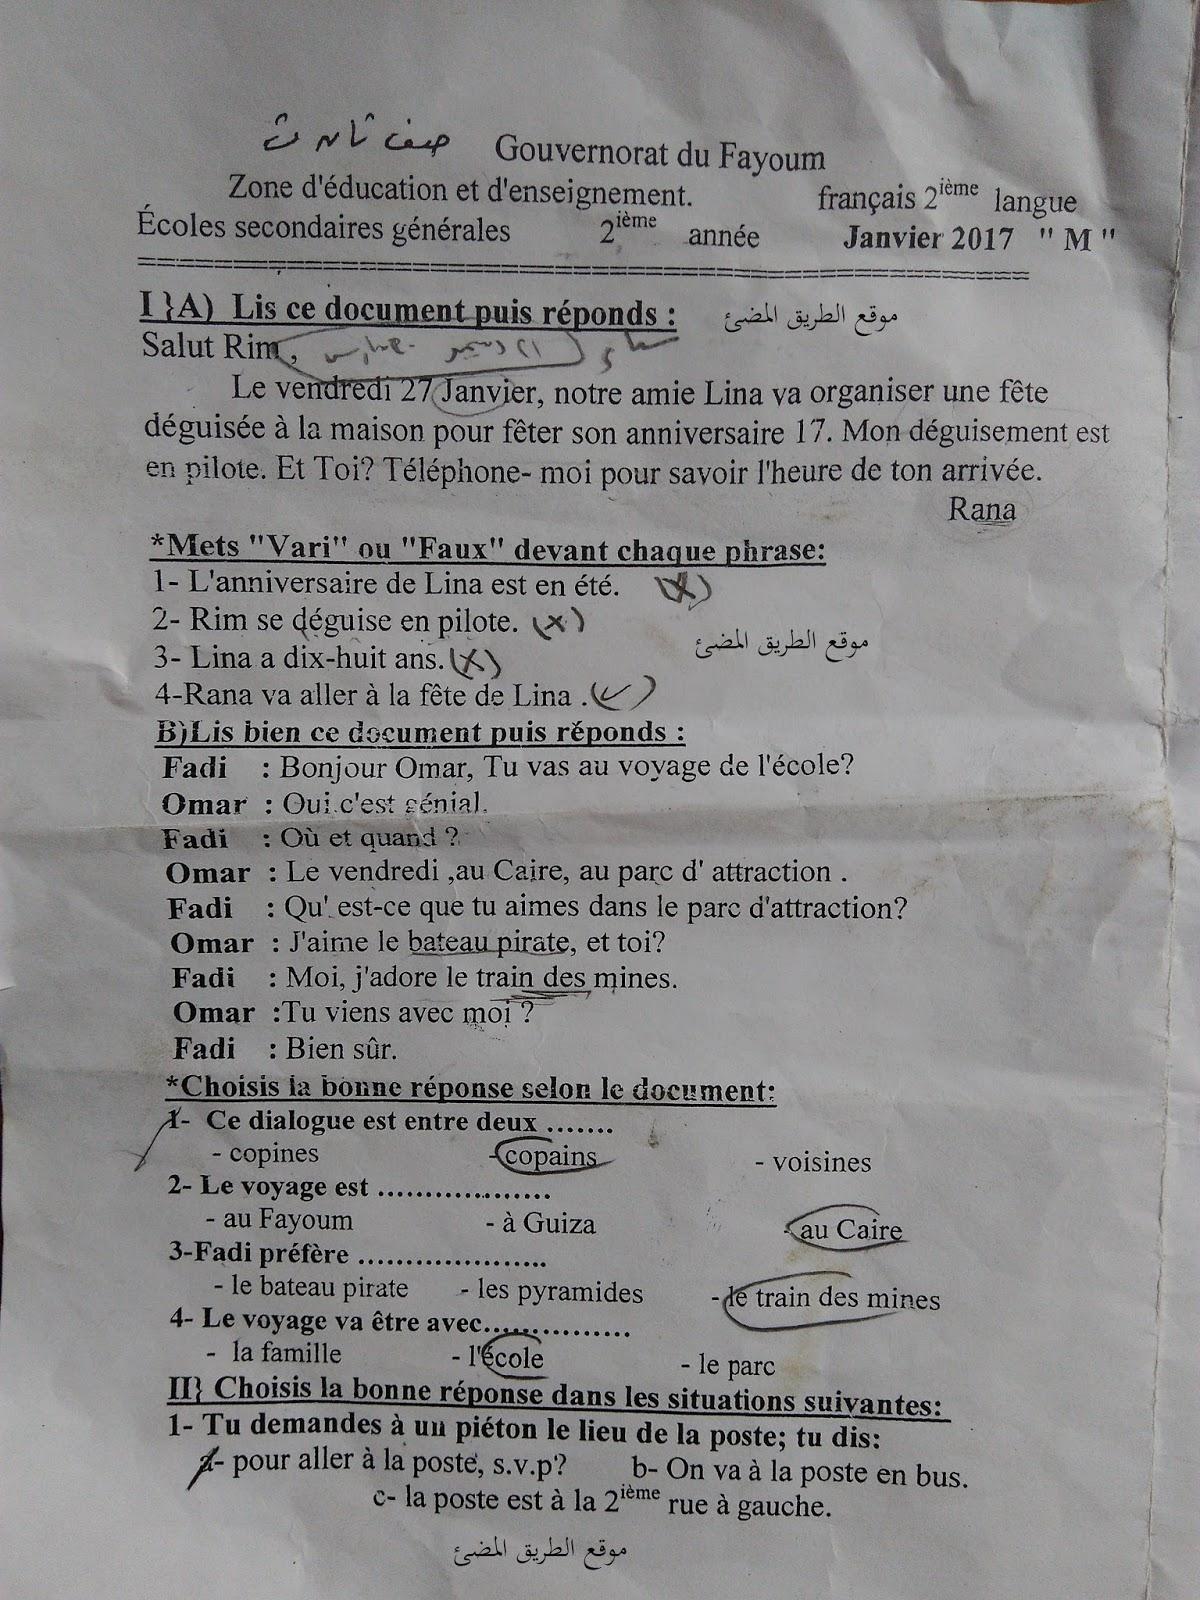 حمل امتحان نصف العام الرسمى فى اللغة الفرنسية الصف الثانى الثانوى محافظة الفيوم 2017